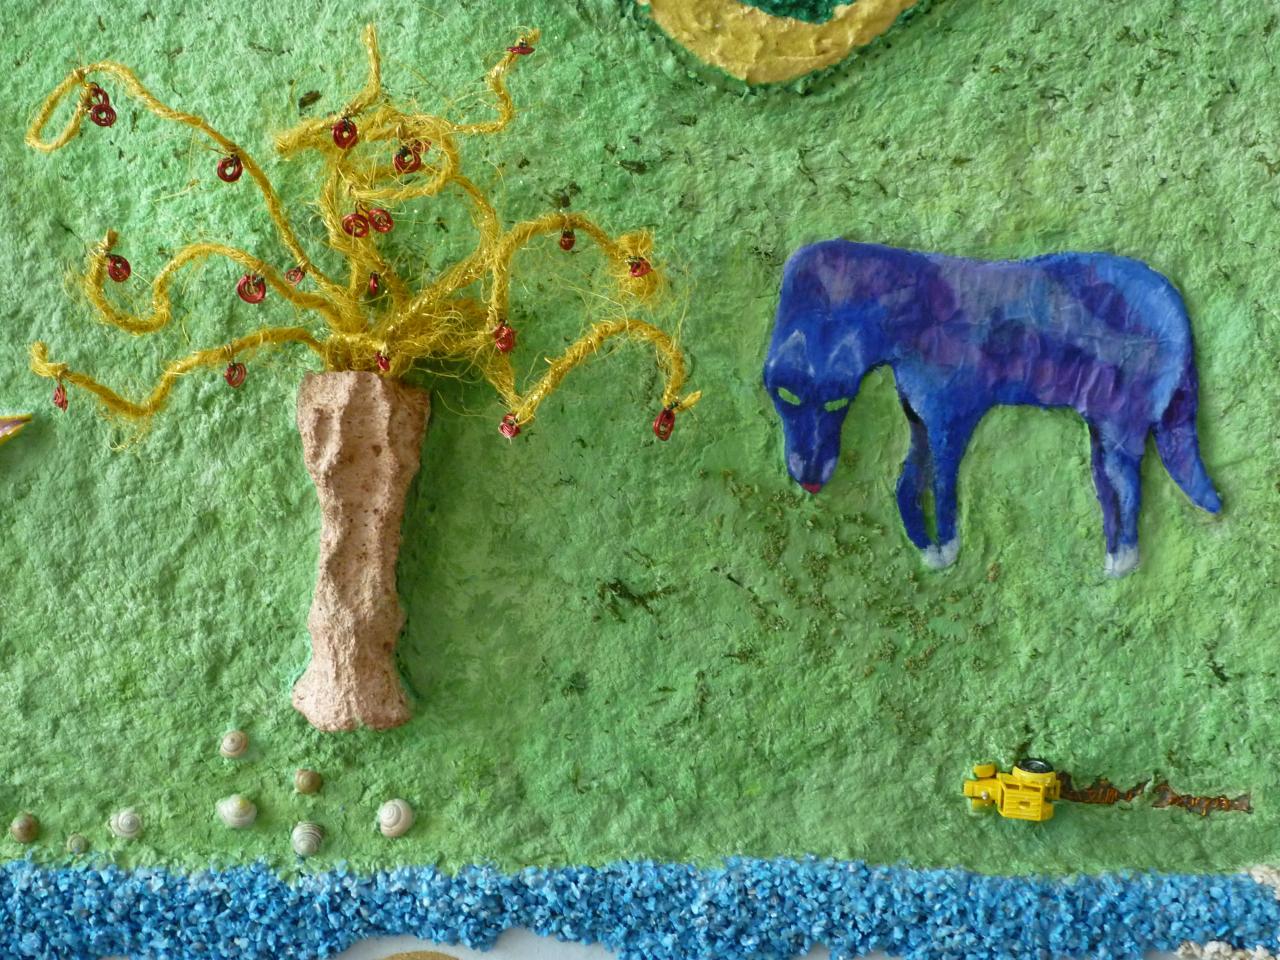 Cerisier-Nymphe (moulage en papier de lin), et Cheval Bleu